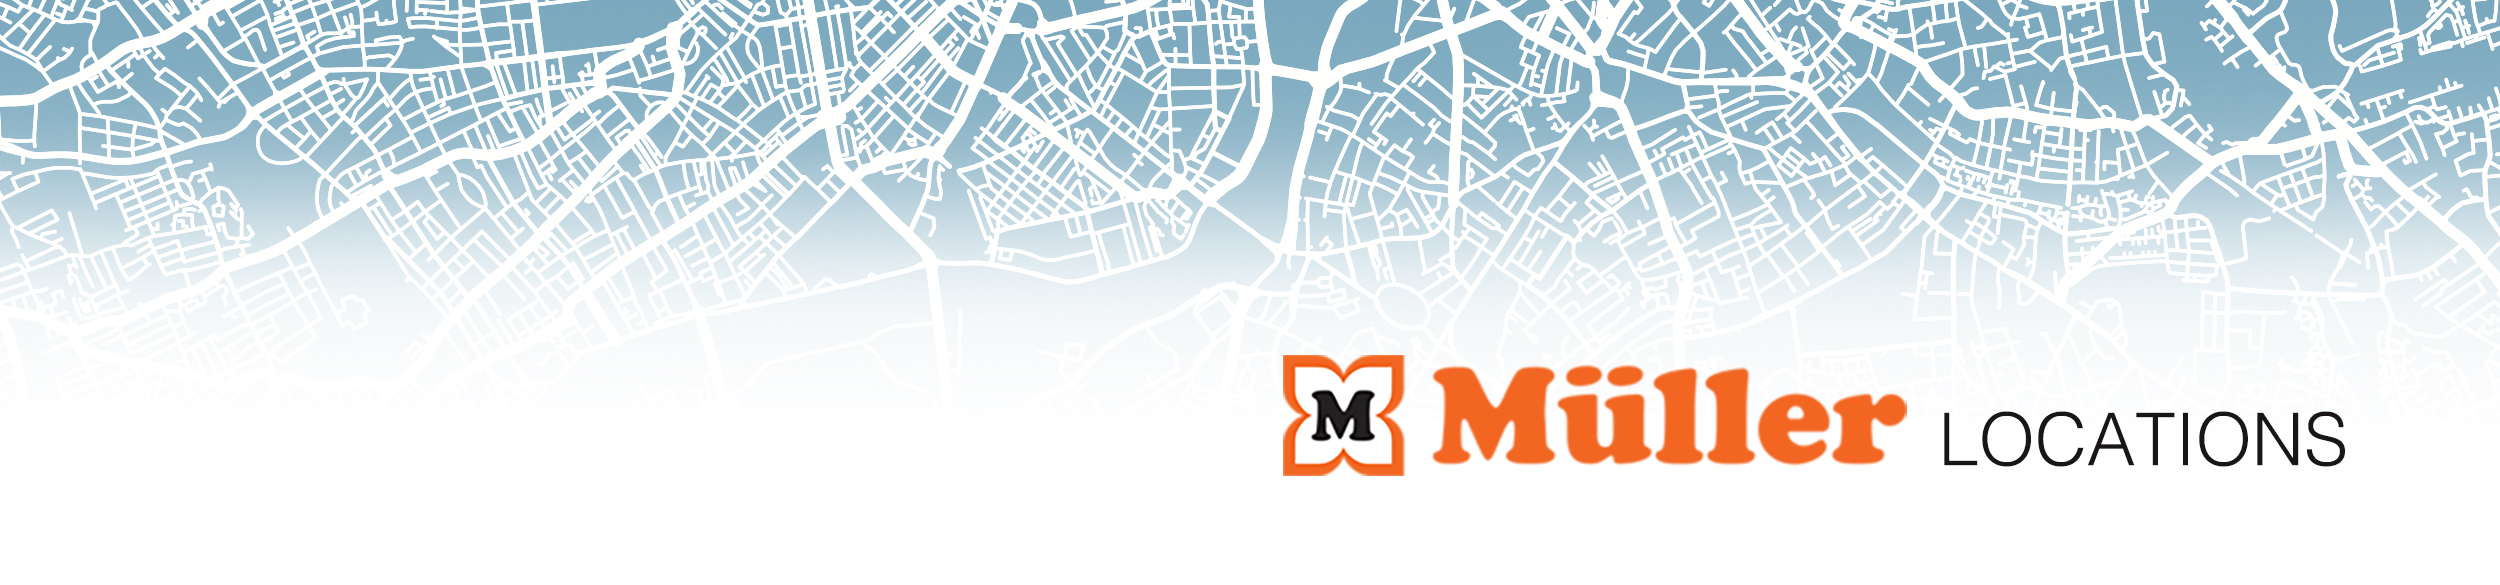 Muller Locations